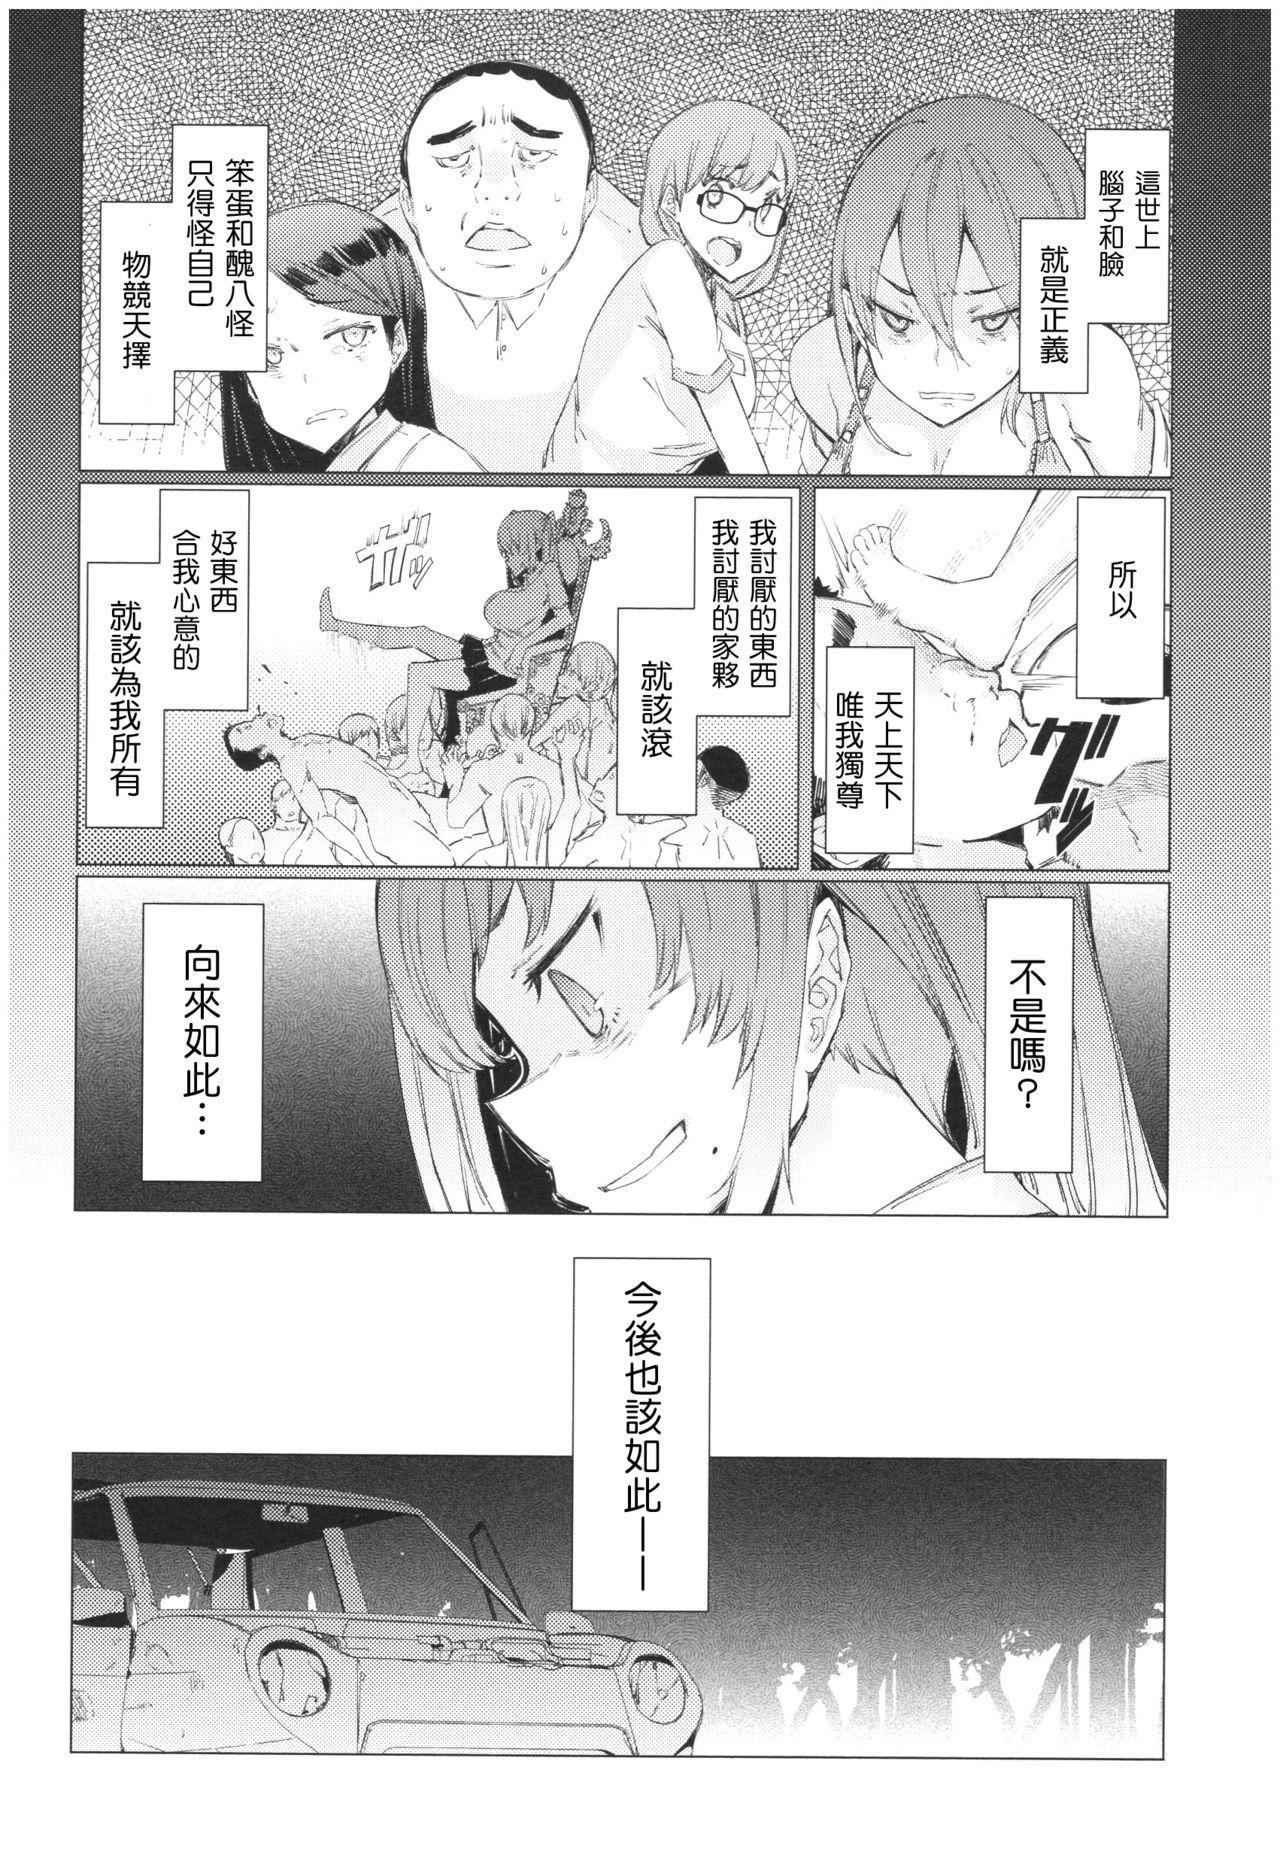 Ochita Kyoudai no 13-nichi Gougan Imouto no Otoshikata 46